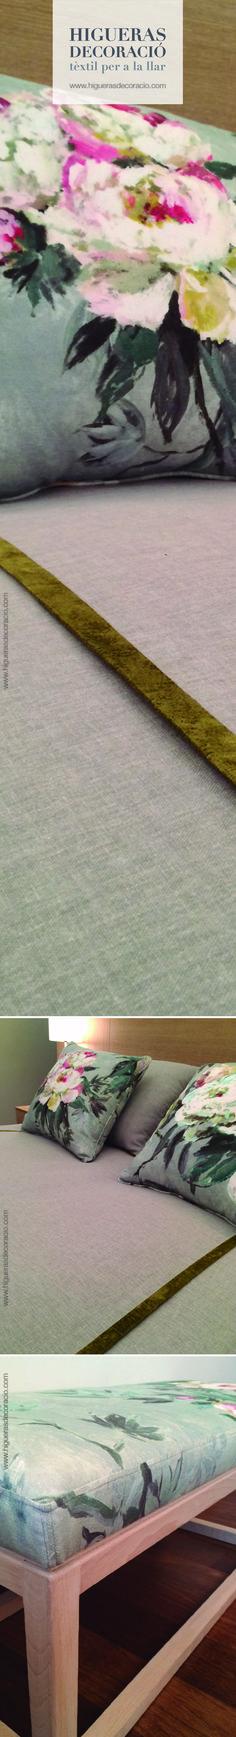 Utiliza los textiles de los cojines para dar un toque de color al dormitorio.  Utiliza la misma tela para tapizar la banqueta, silla, cabecera… Disfruta combinando diferentes tejidos de distintos colores y acabados. www.higuerasdecoracio.com